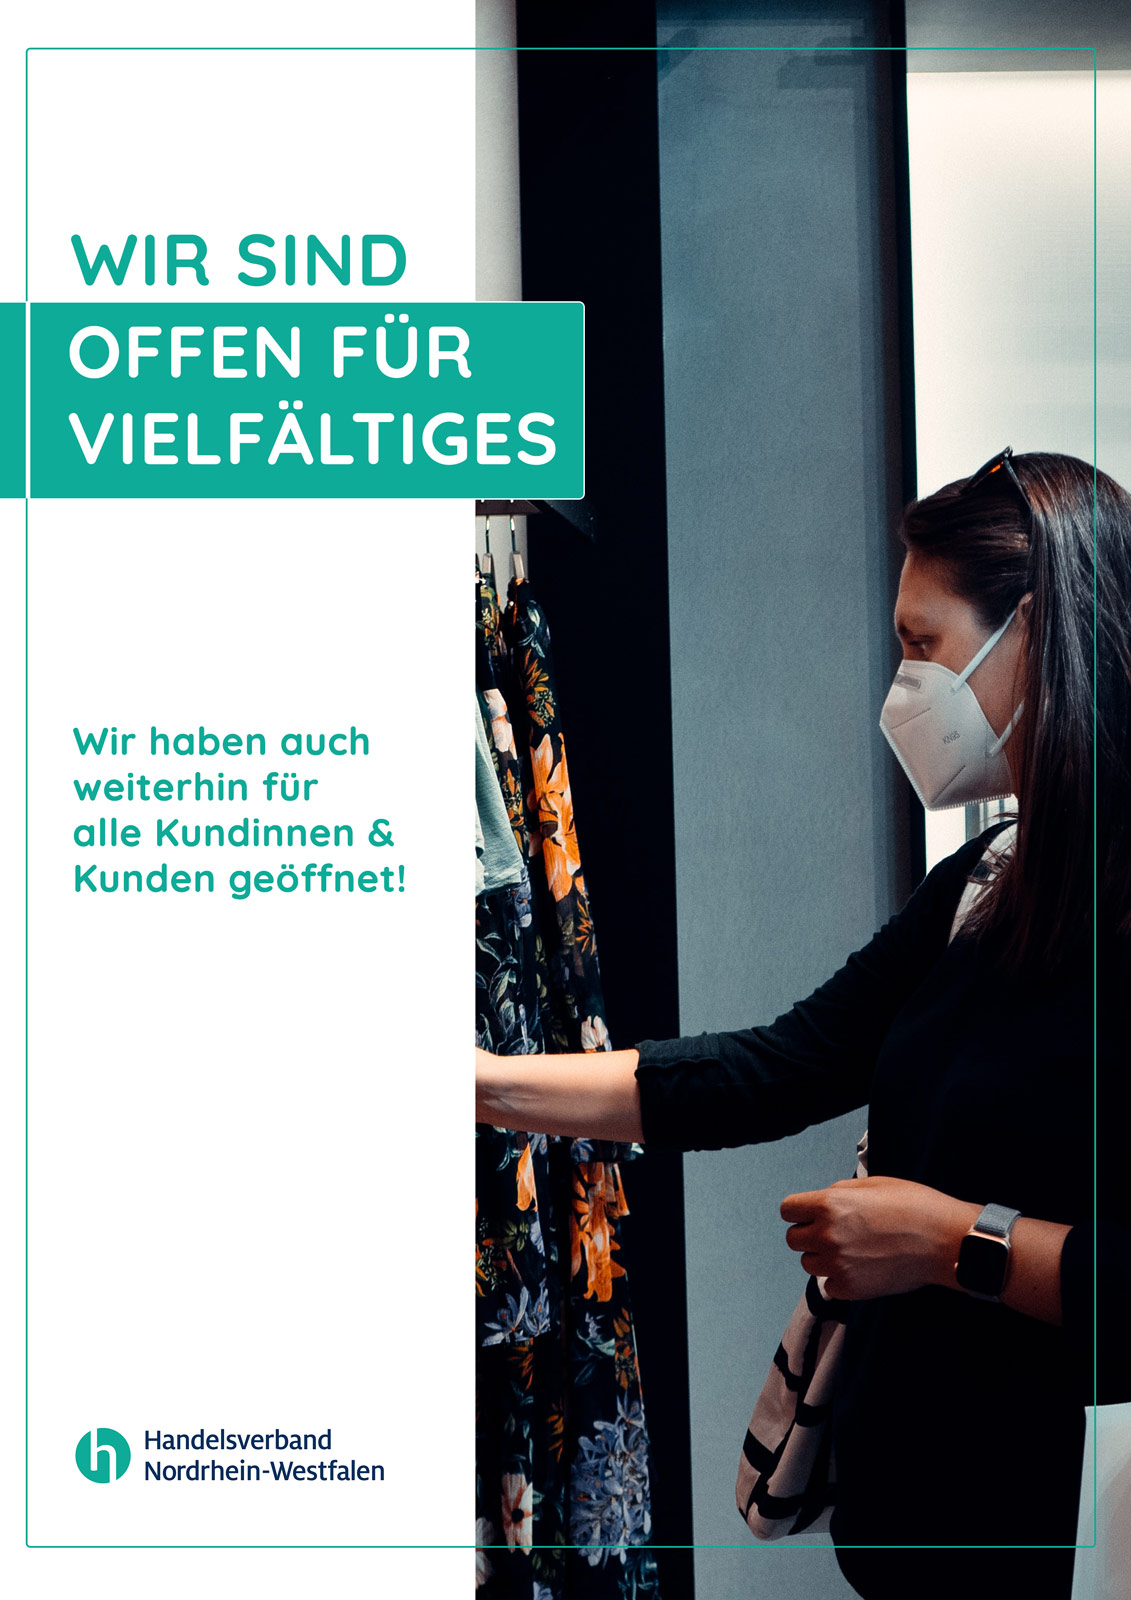 Sympathische, aufmerksamkeitsstarke Kampagne des Handelsverbandes NRW.